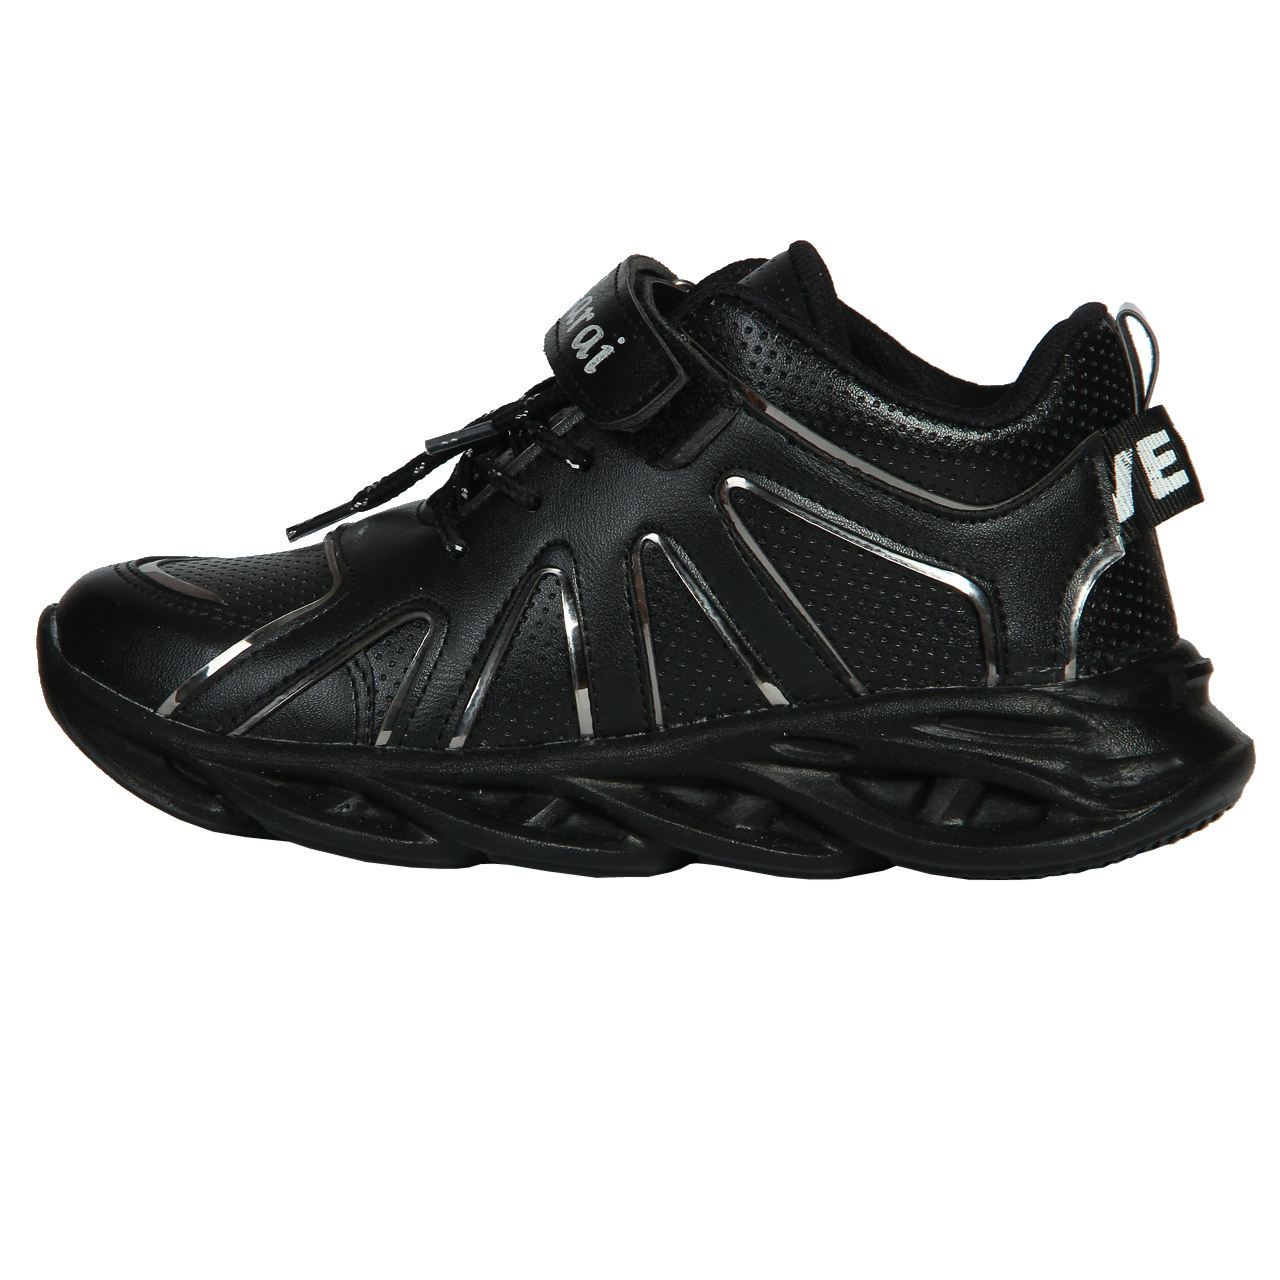 کفش پیاده روی بچگانه مدل Sarai کد 20 -  - 2